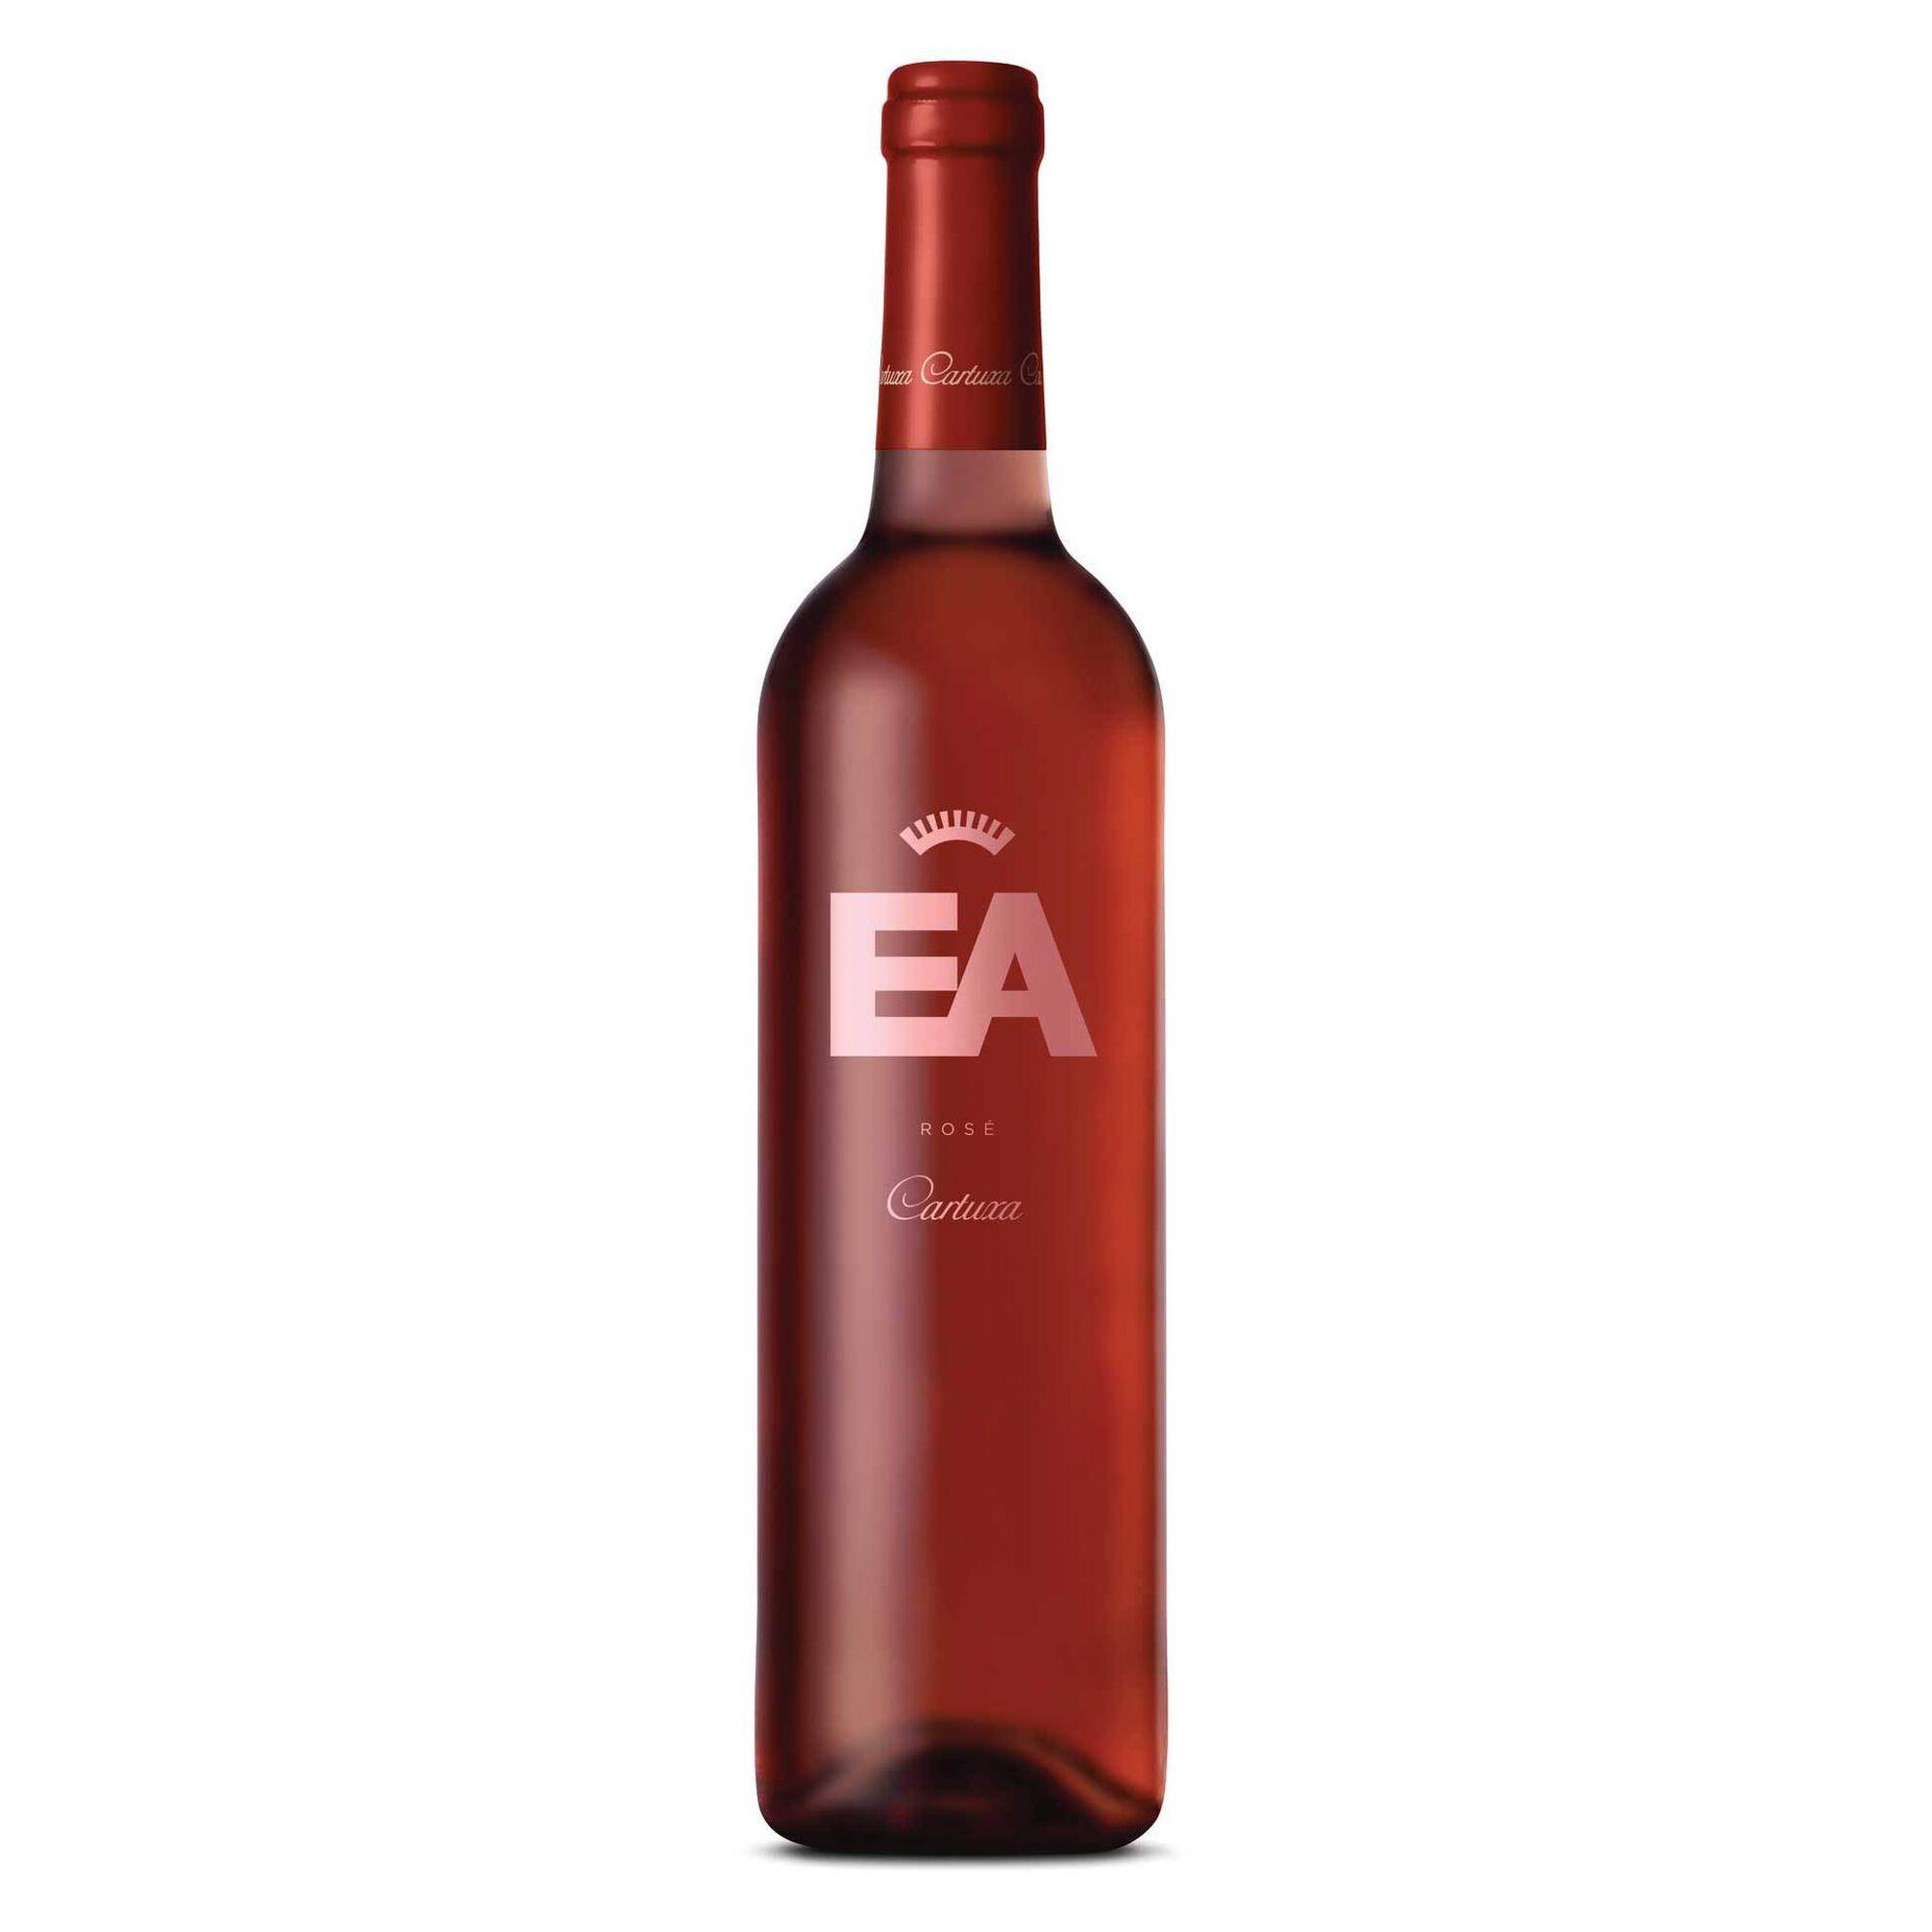 EA Regional Alentejano Vinho Rosé